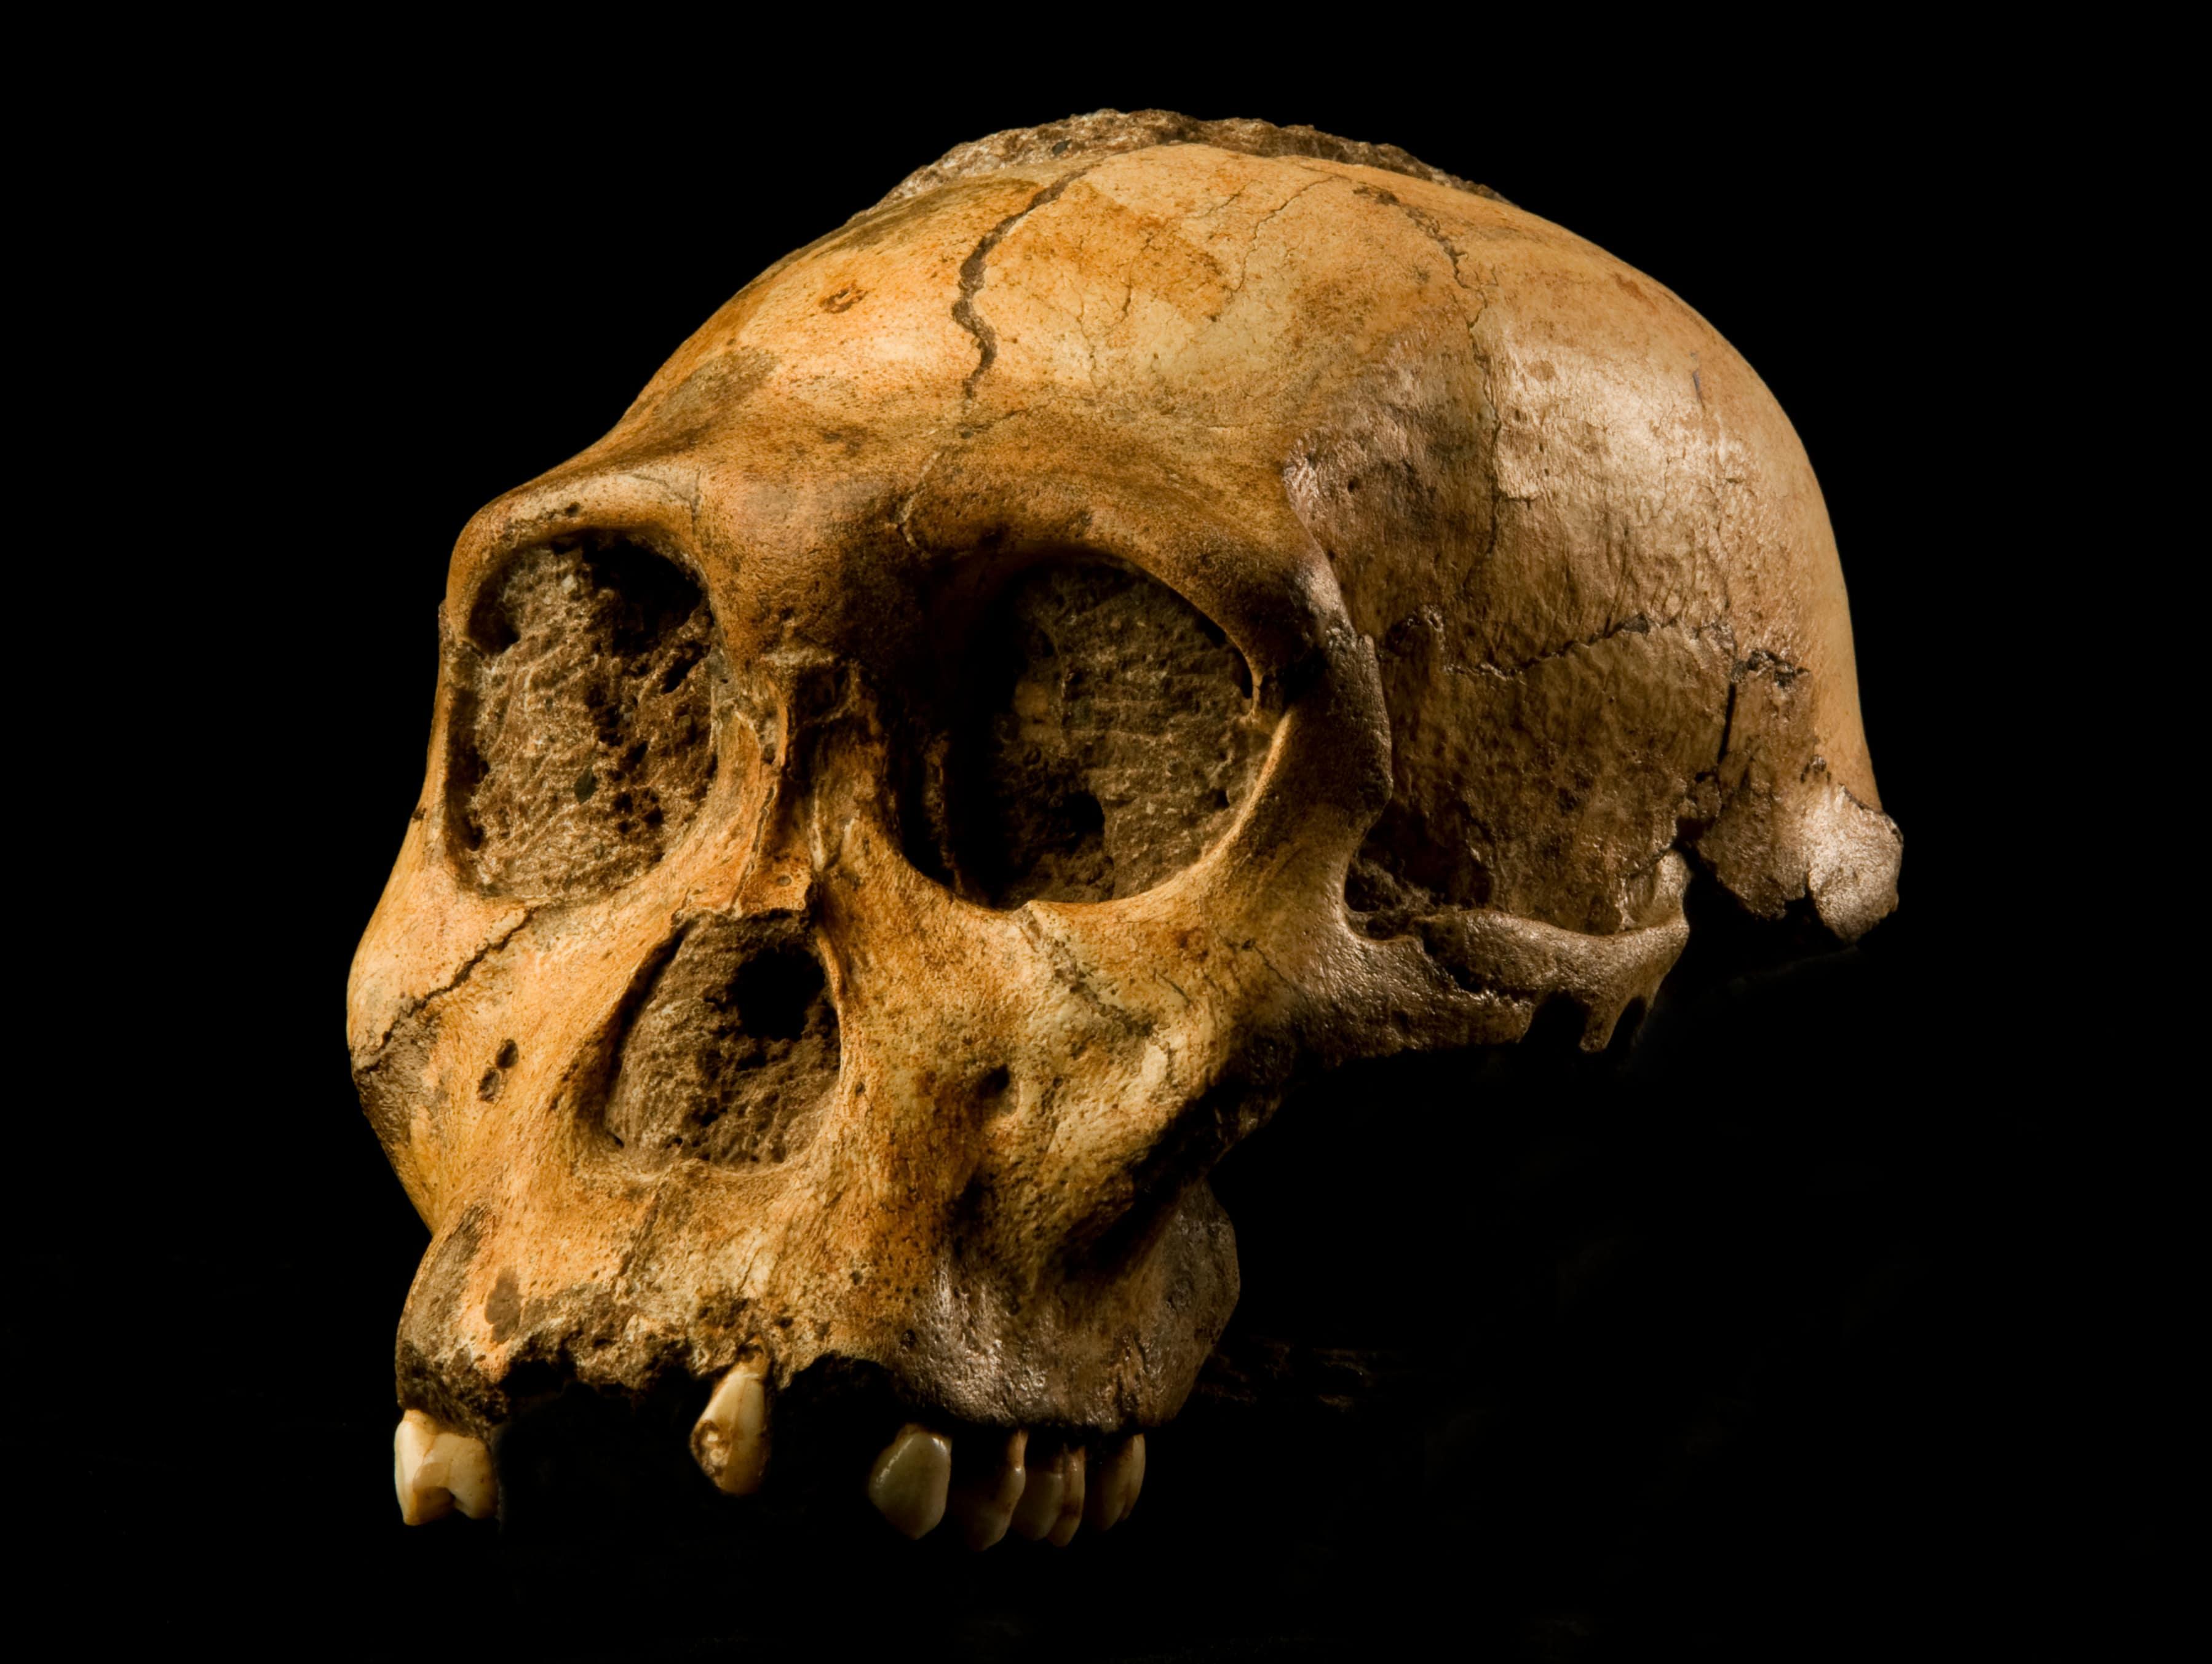 paleo-route-australopithecus-sediba-afrique-du-sud-decouverte